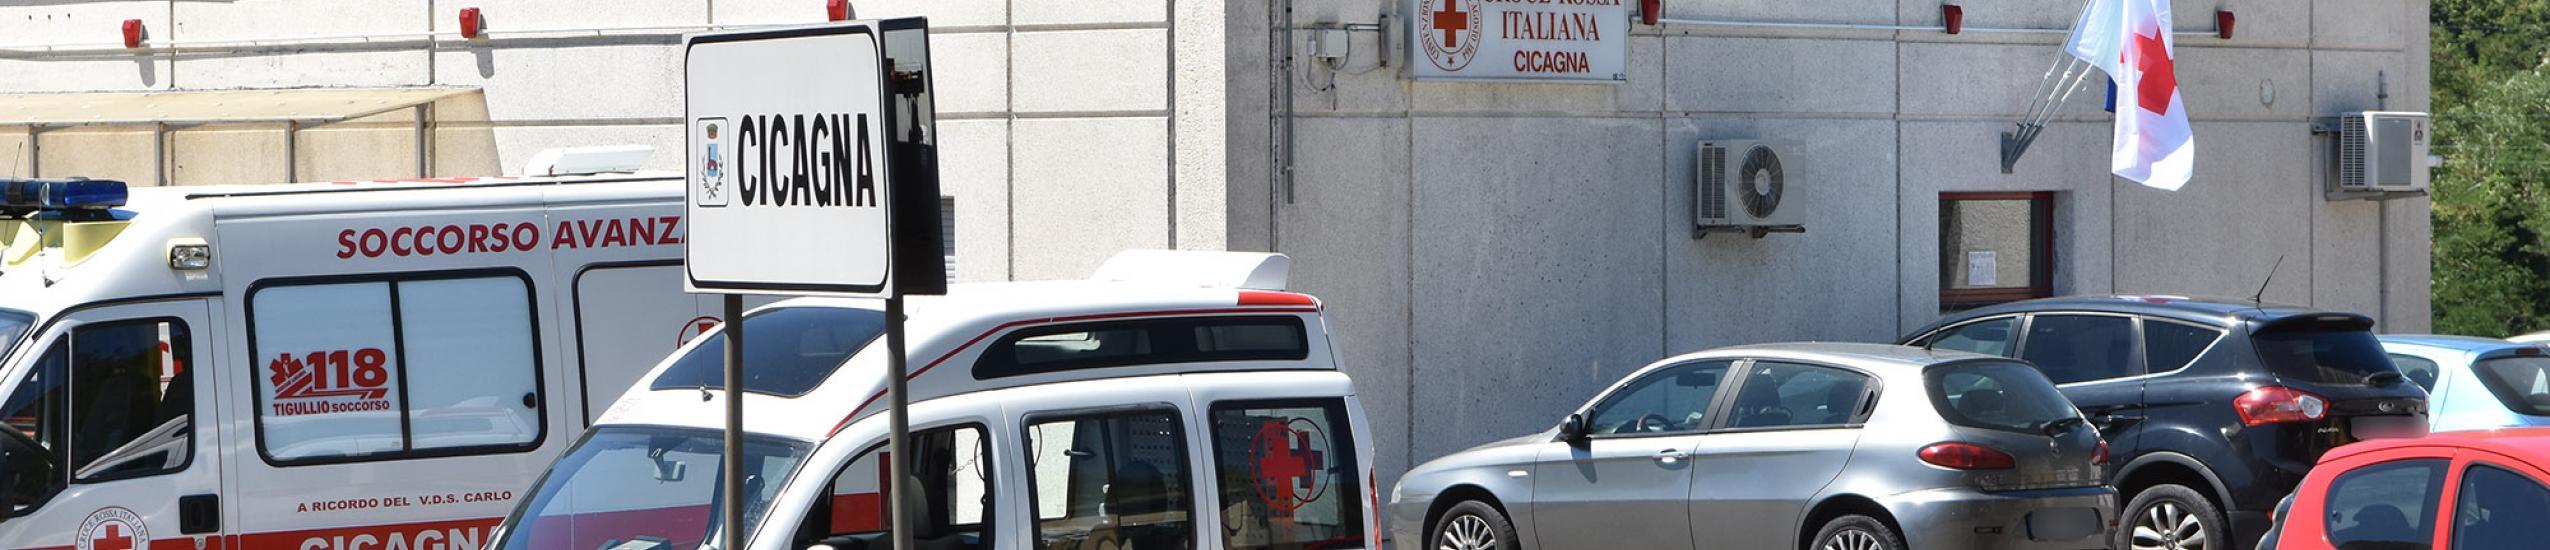 Croce rossa di Cicagna